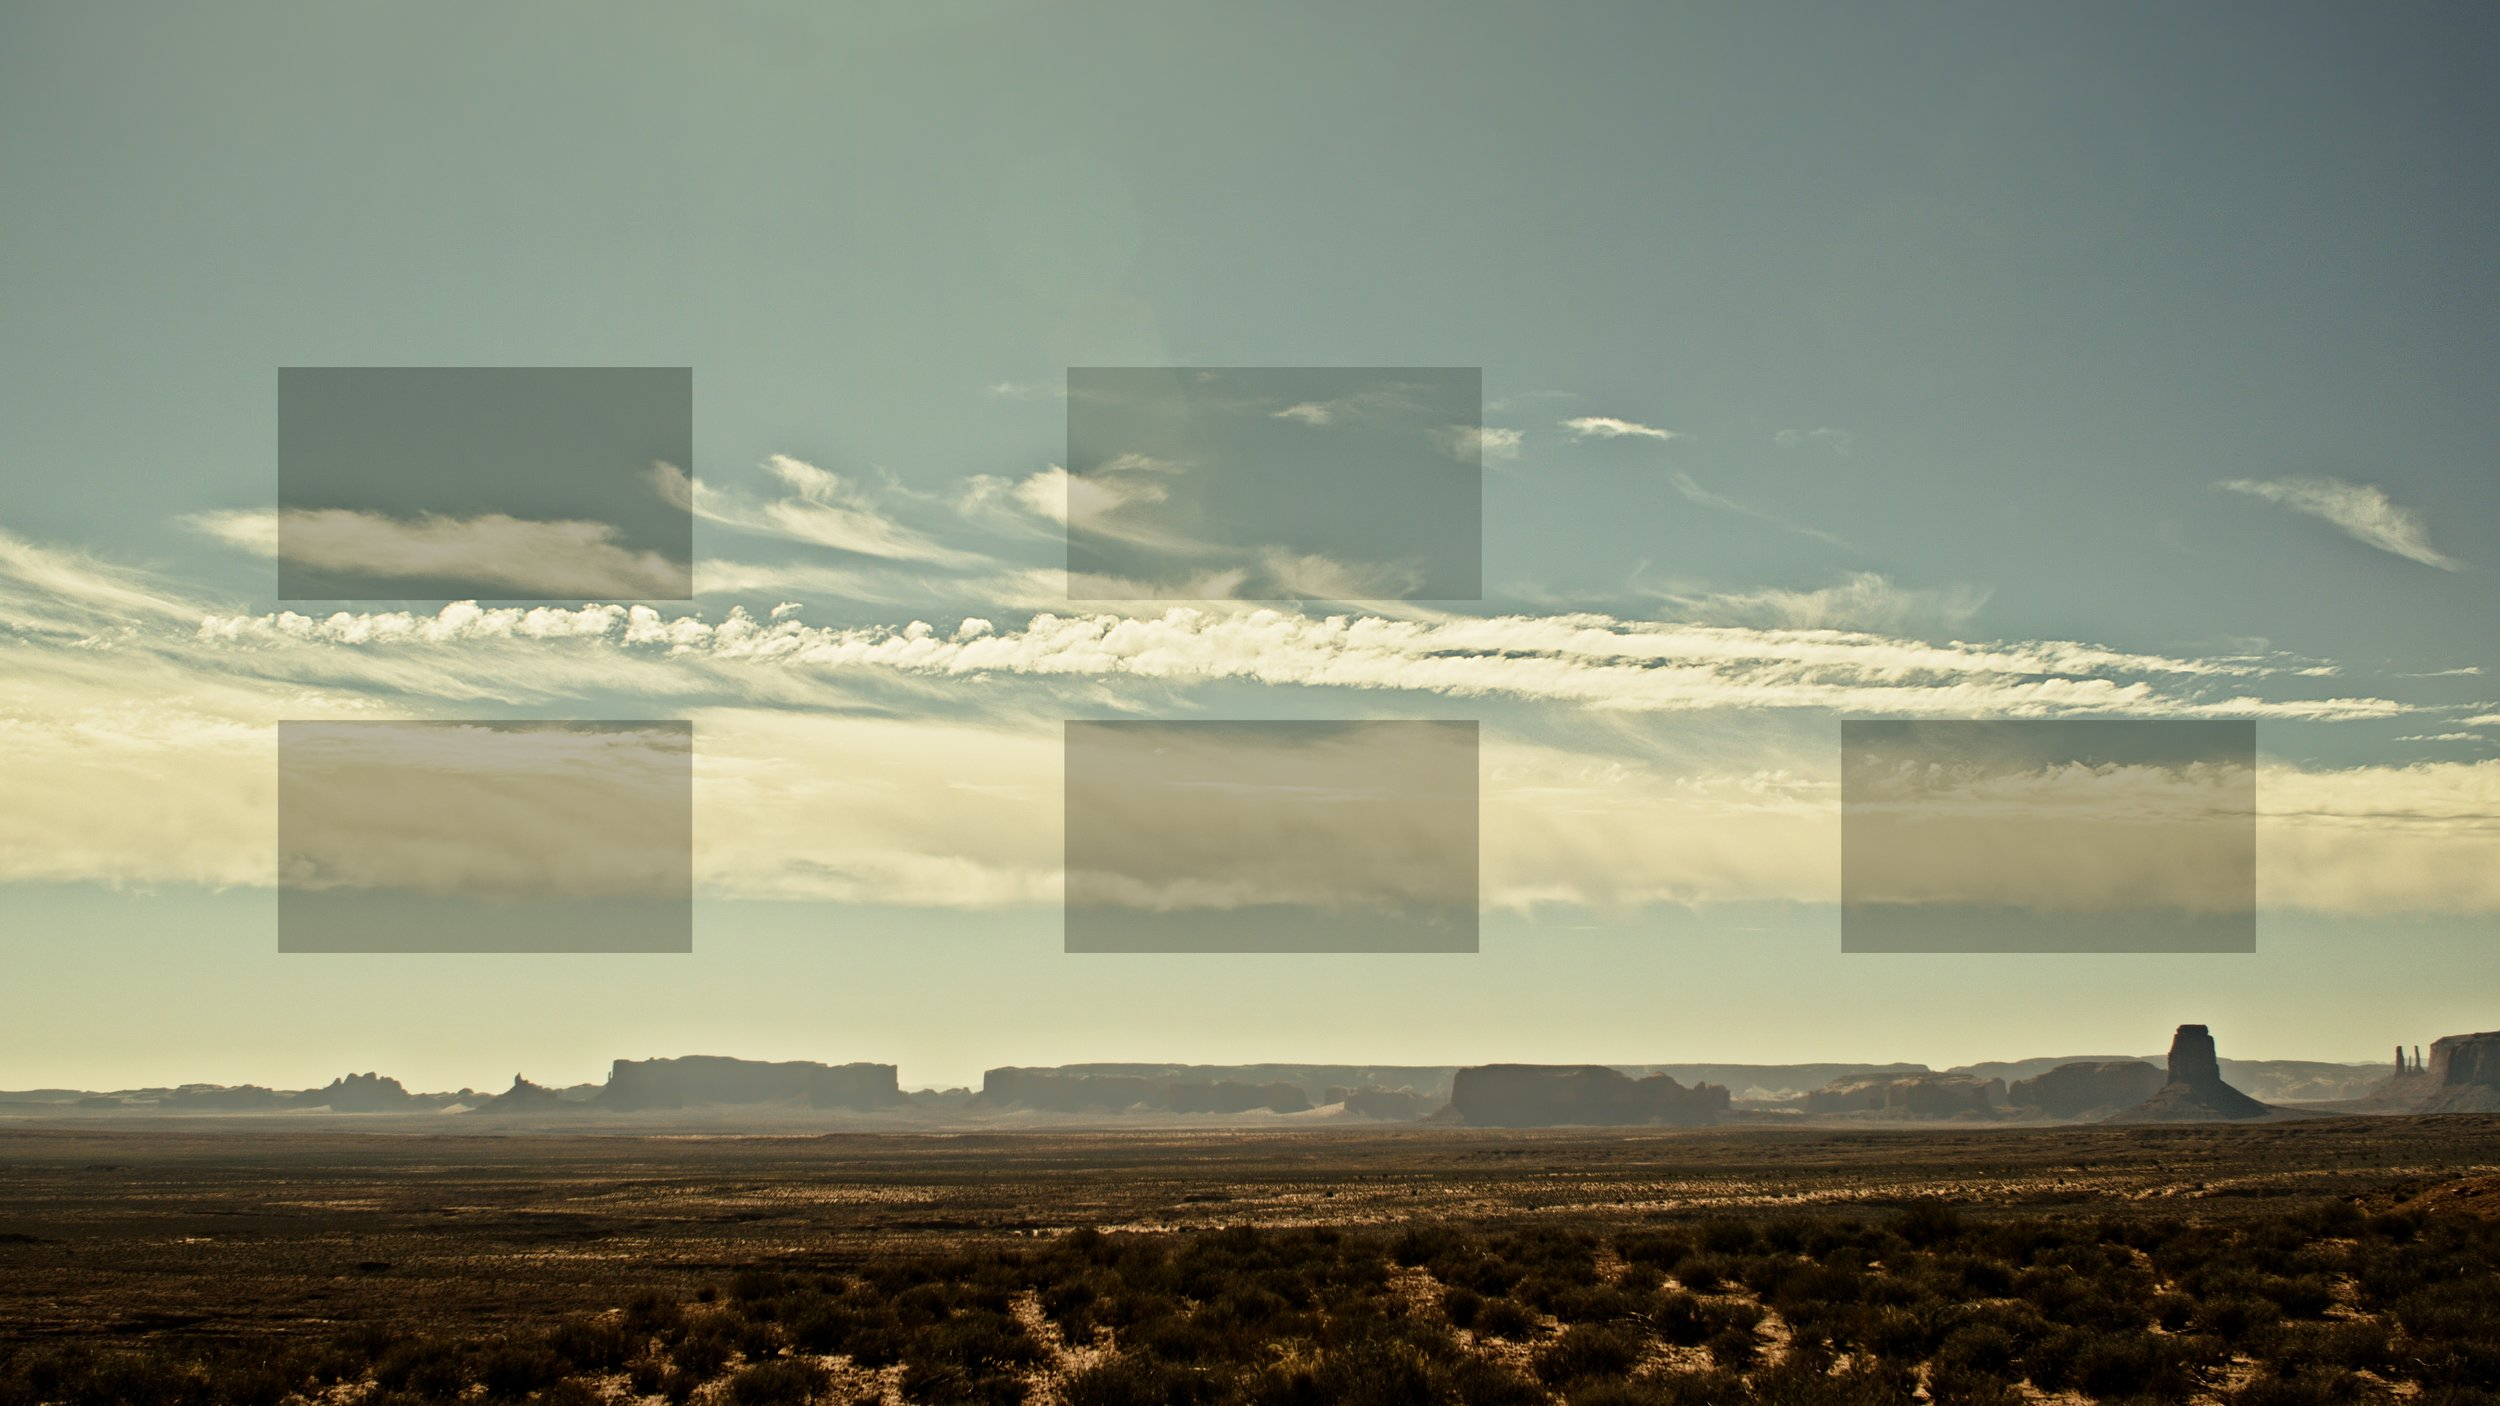 desert_1.266.1.jpg